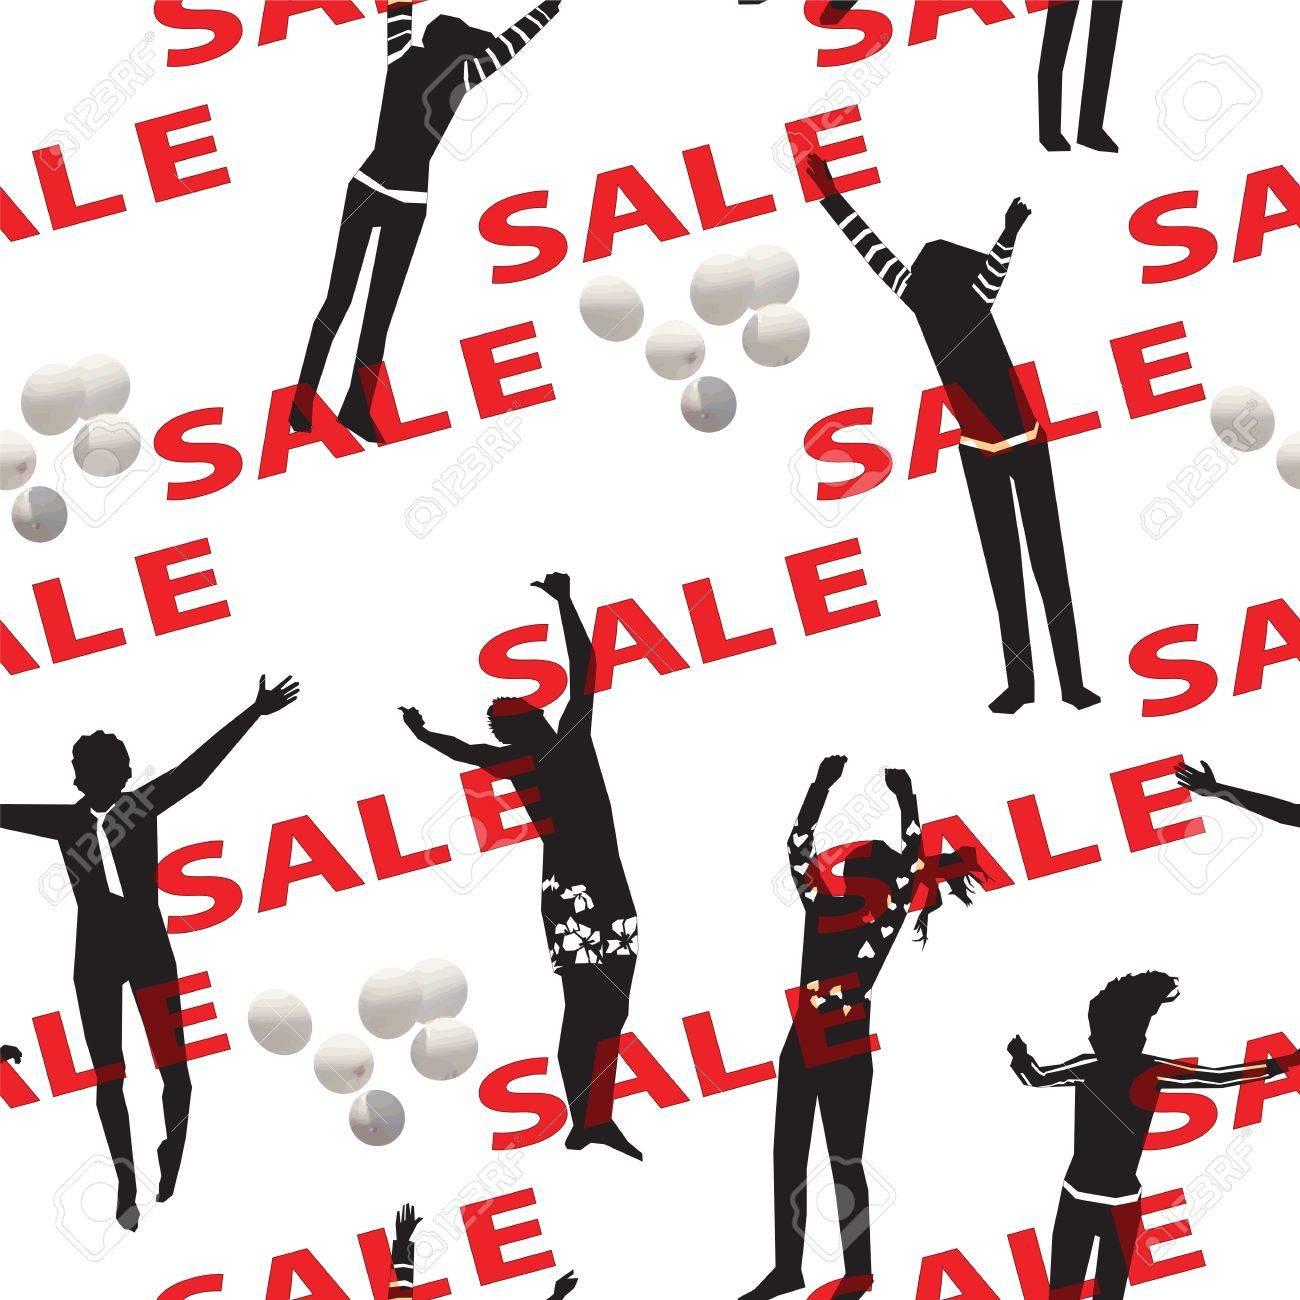 Sale Seamless Backdrop Stock Vector - 16559174